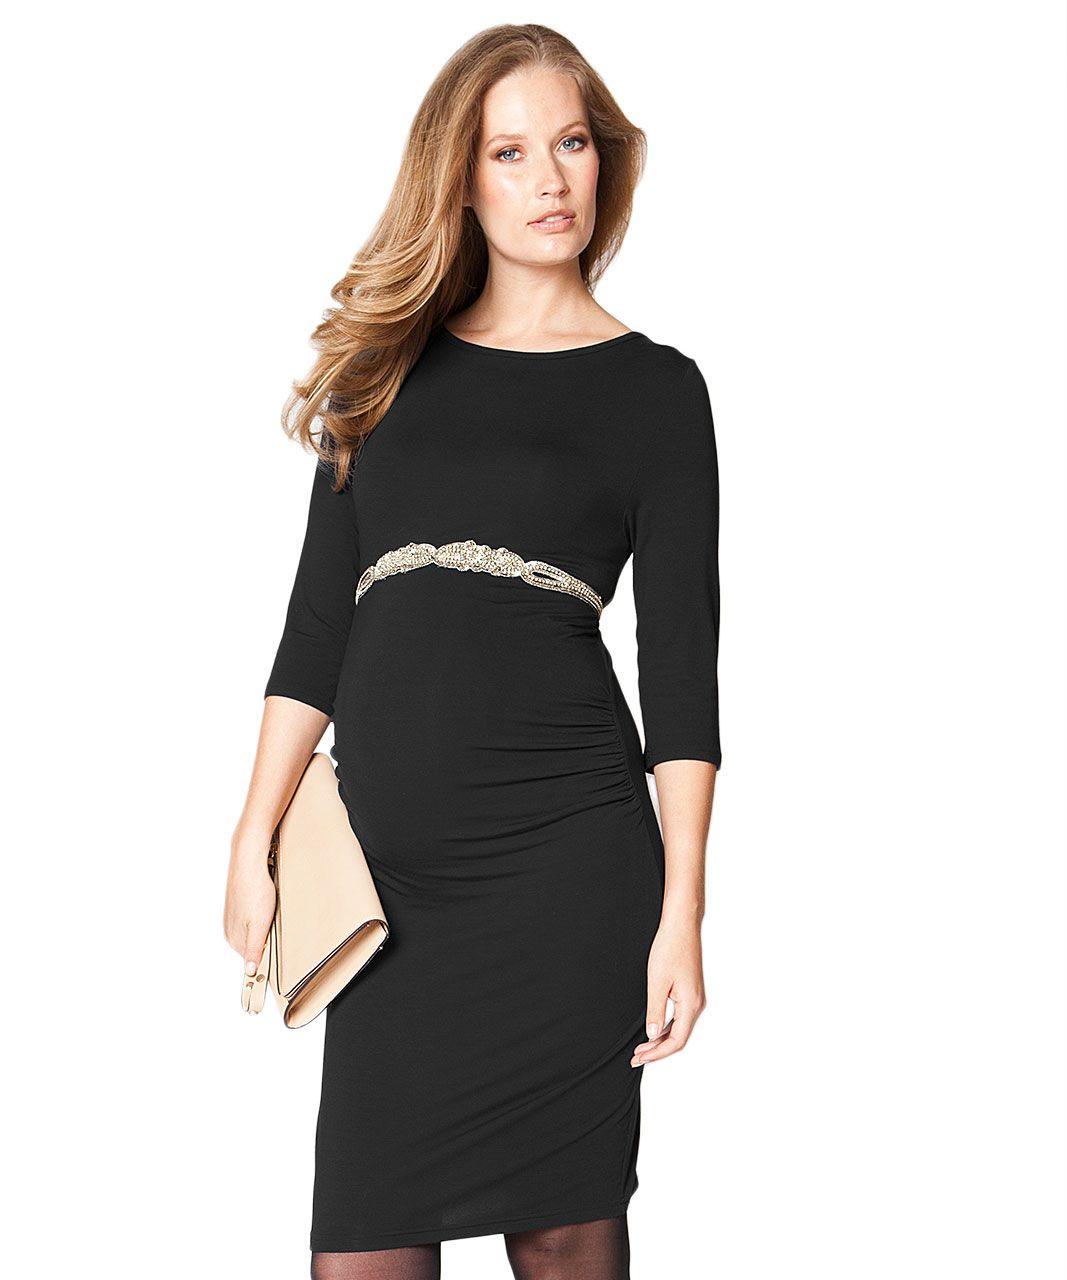 Seraphine Tessa Maternity Shift Dress – Black Tessa – Abito Tubino Premaman  - Nero Family Nation 012895f533c